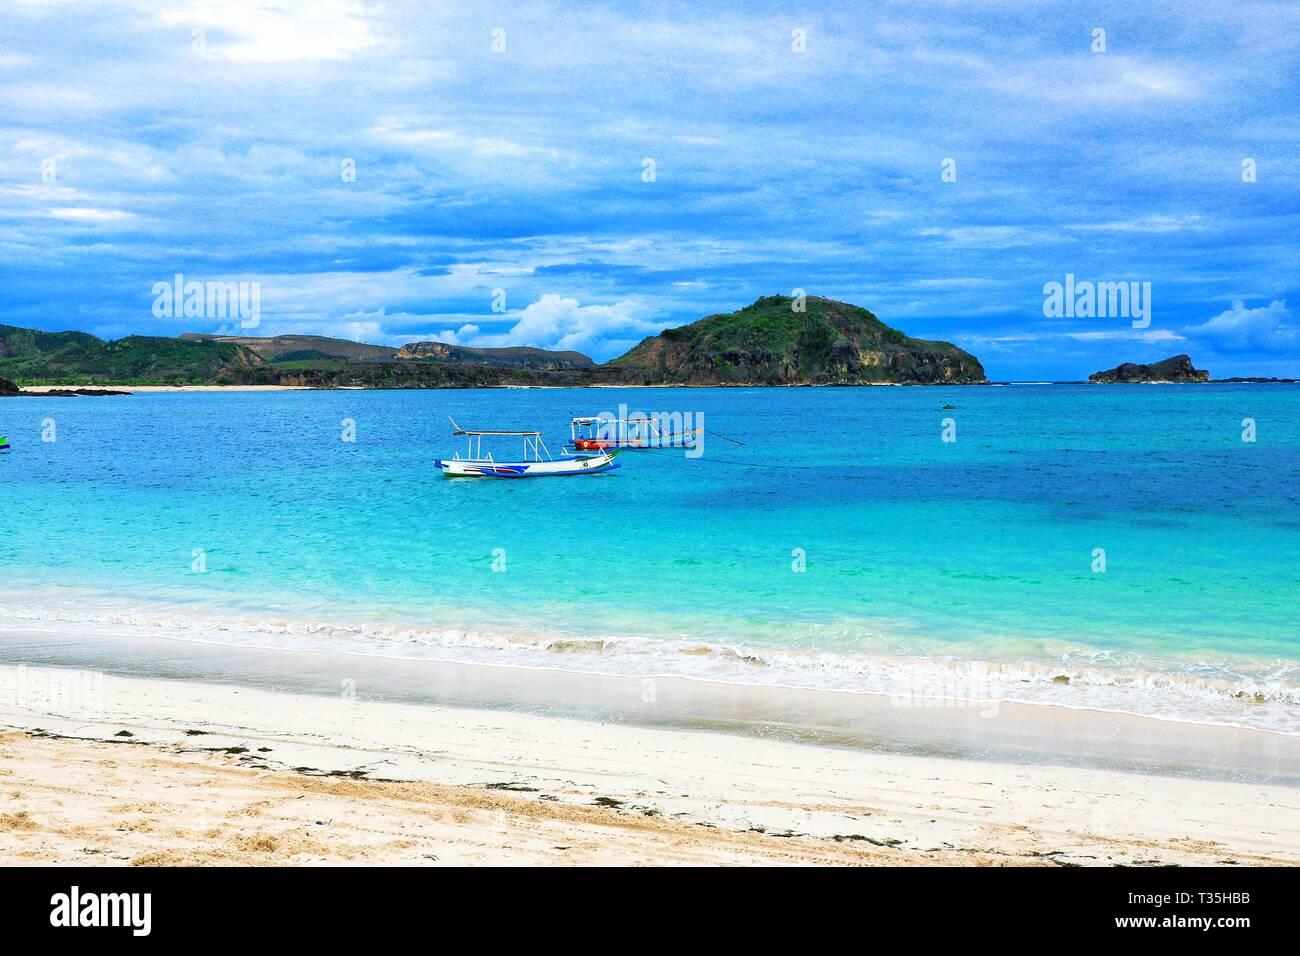 Tajung Aan, Beach at Lombok, Indonesia - Stock Image